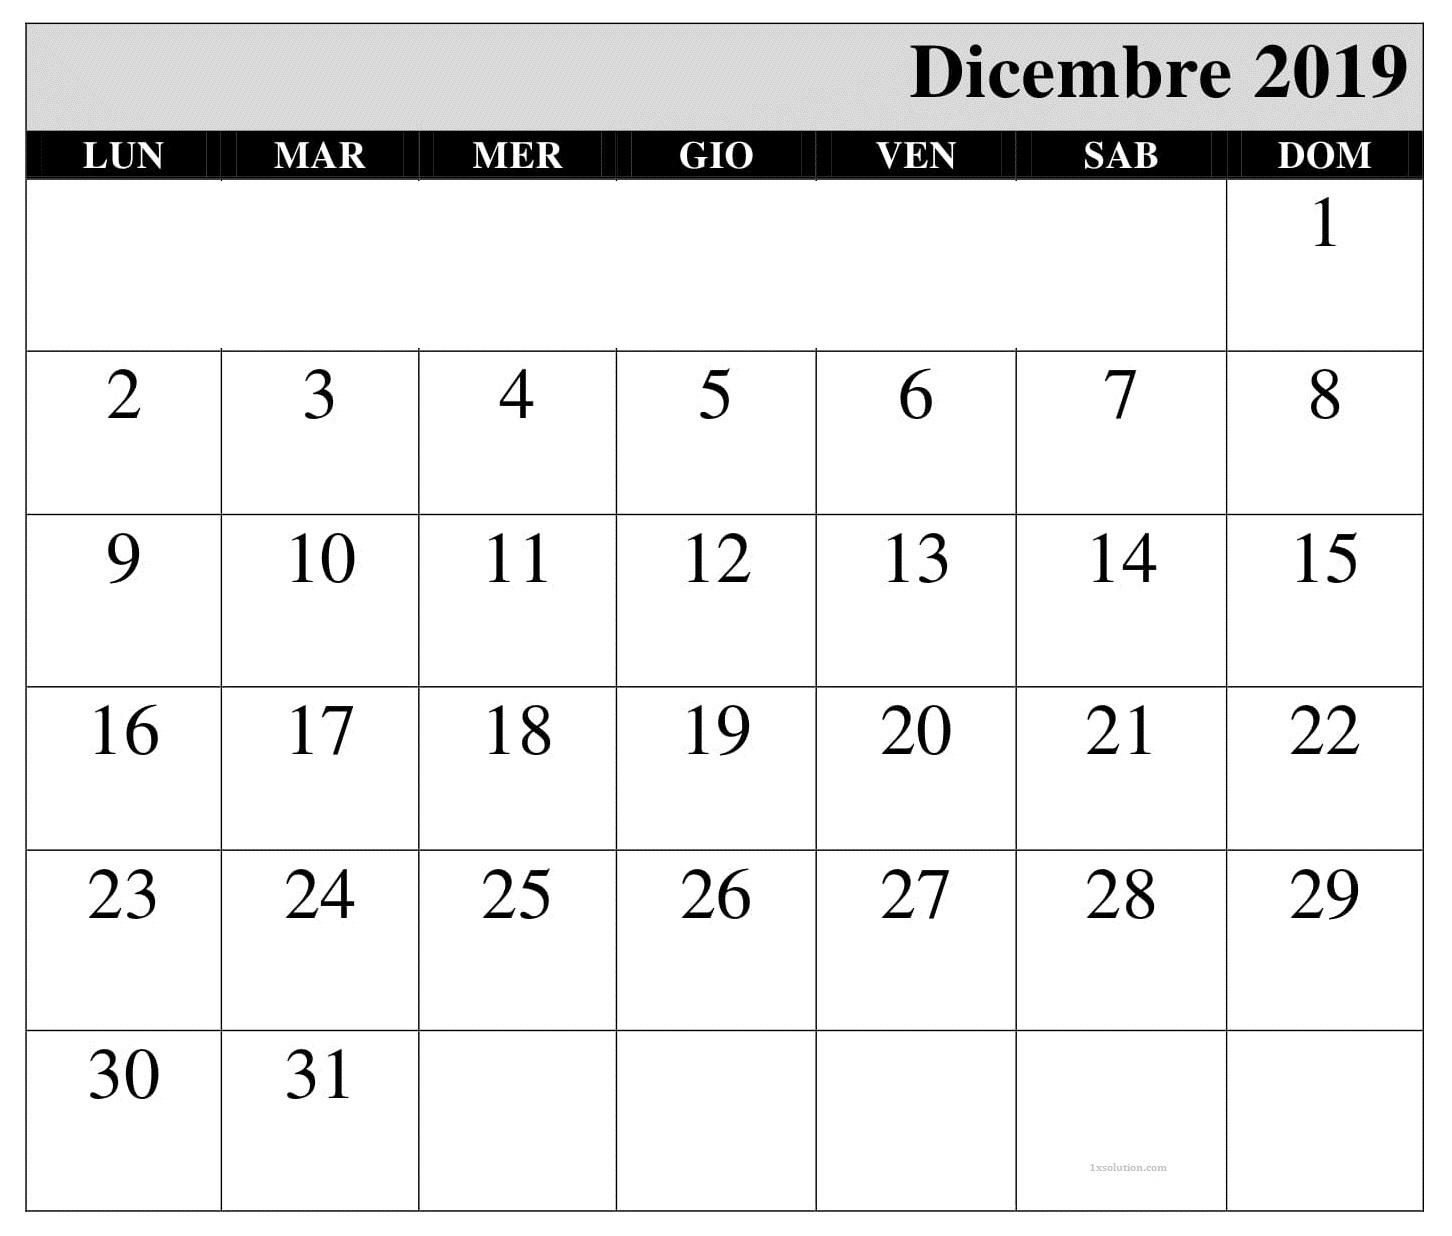 2019 Calendario Dicembre PDF